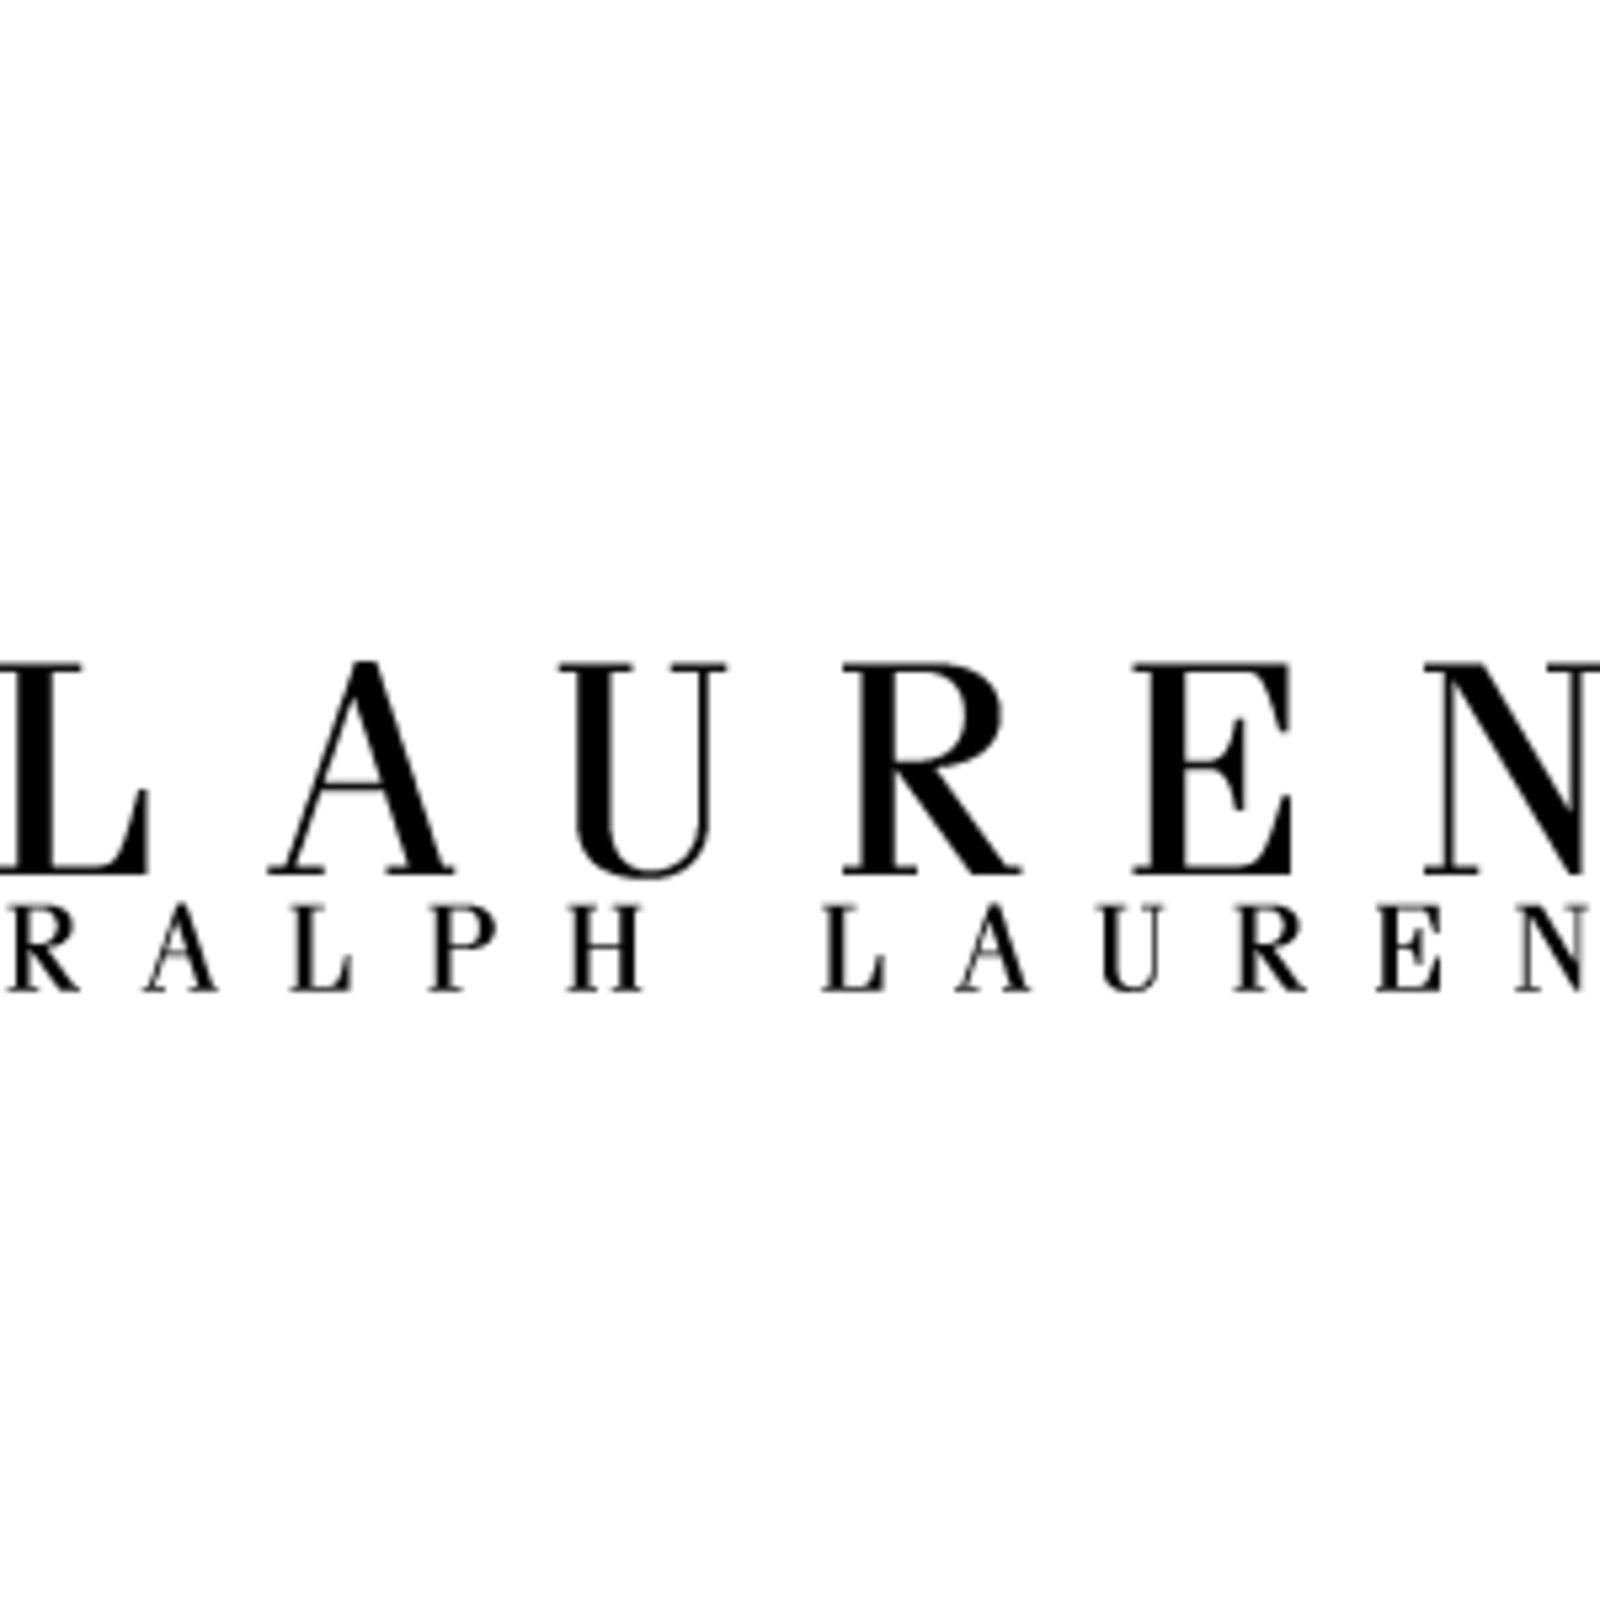 LAUREN by RALPH LAUREN (Image 1)